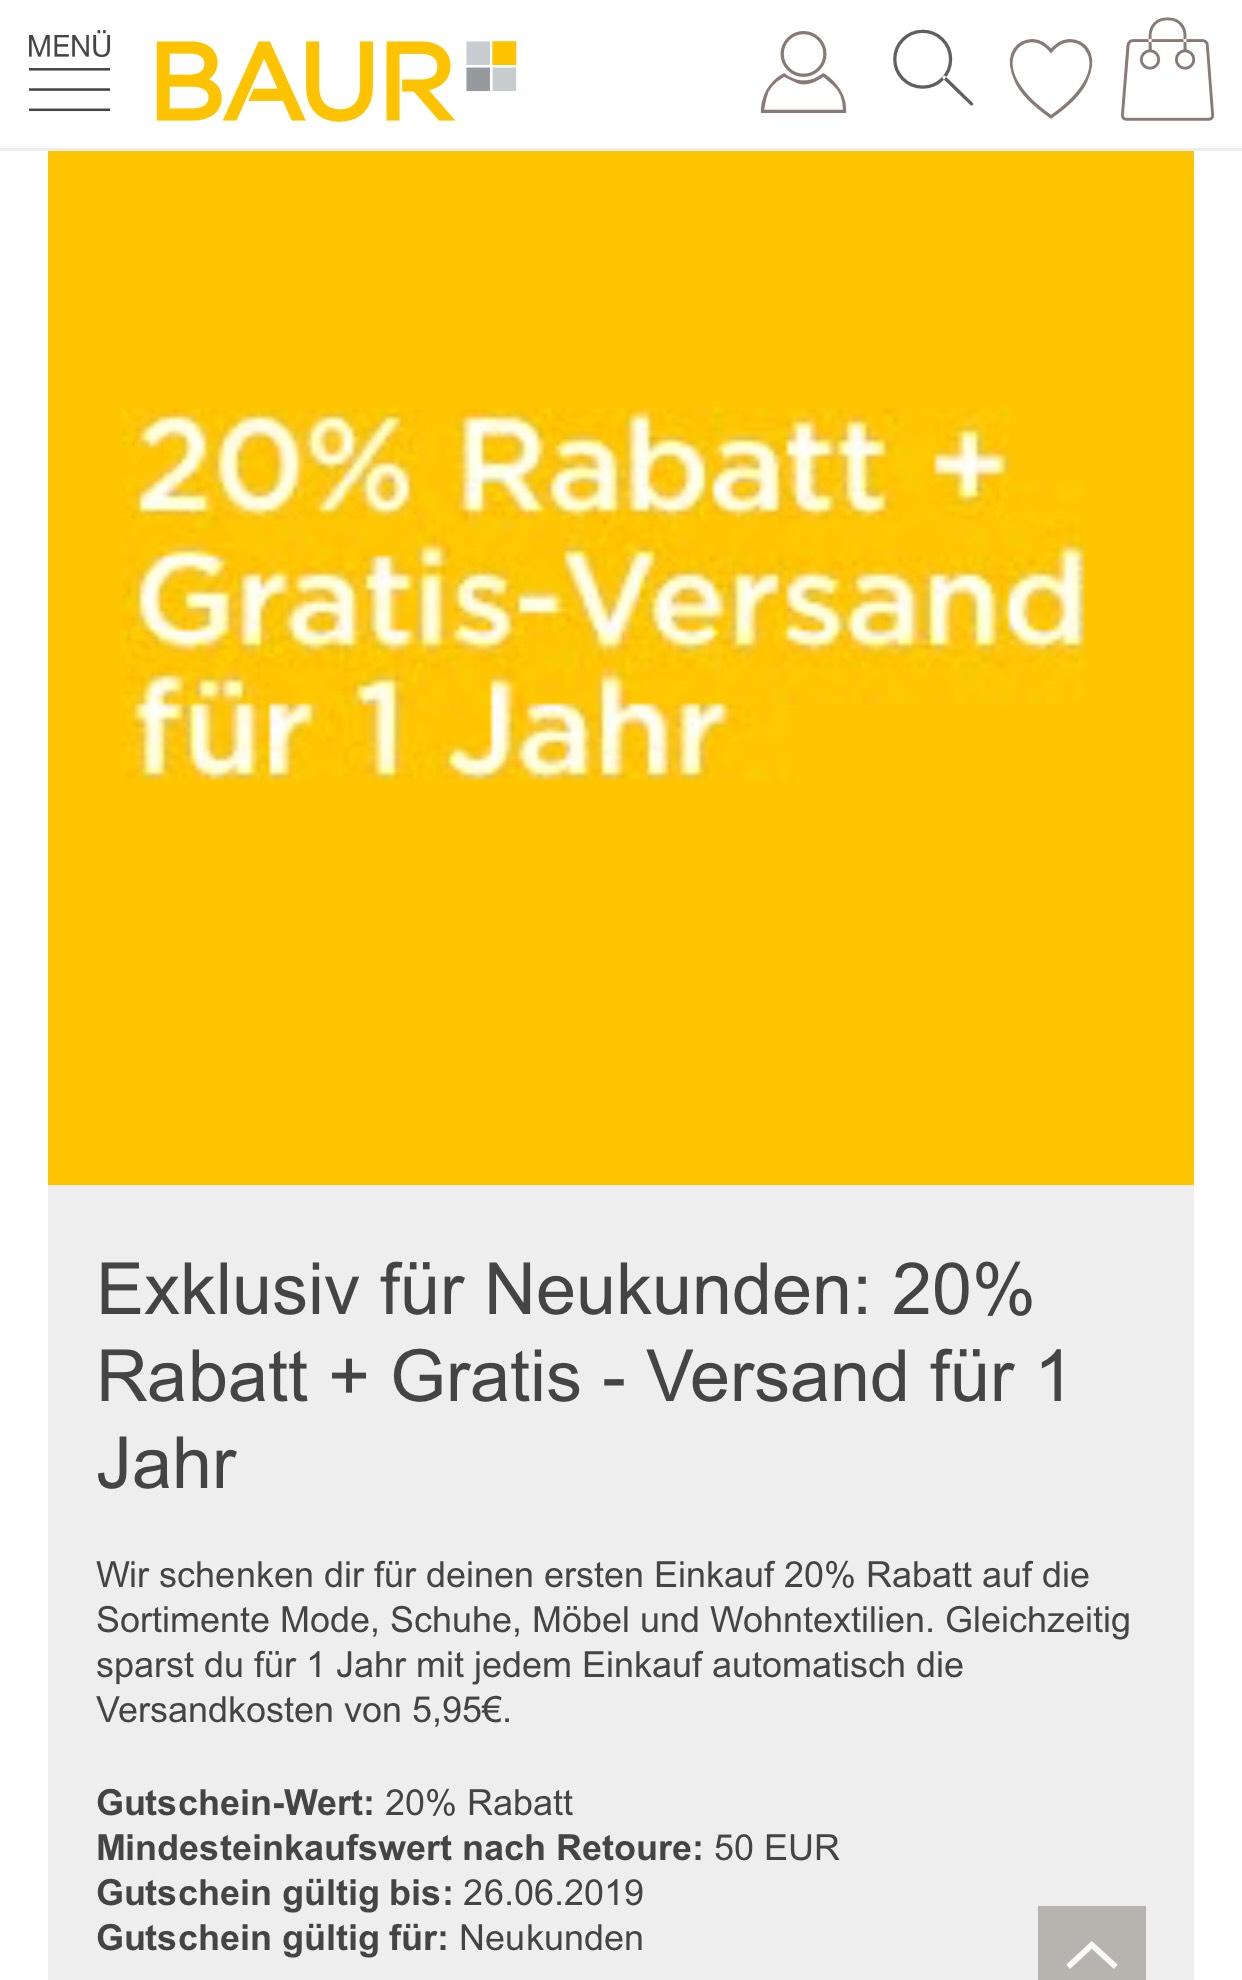 Baur.de gibt 20% Rabatt für Neukunden